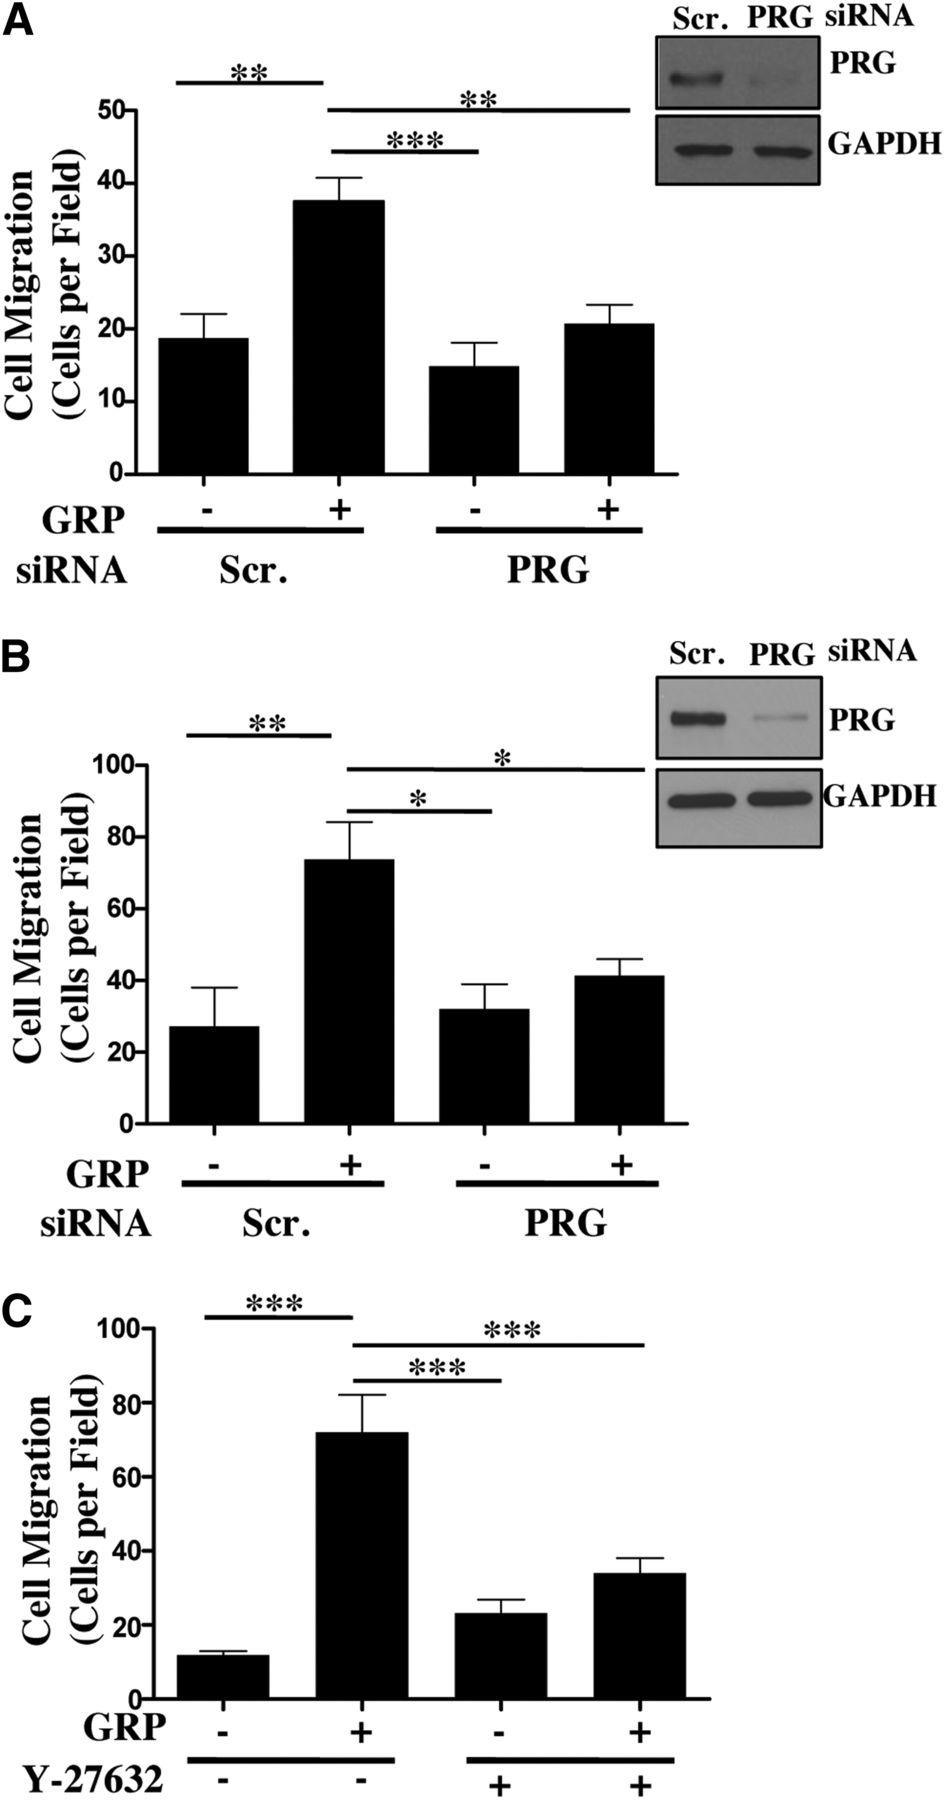 Gα13/PDZ-RhoGEF/RhoA Signaling Is Essential for Gastrin